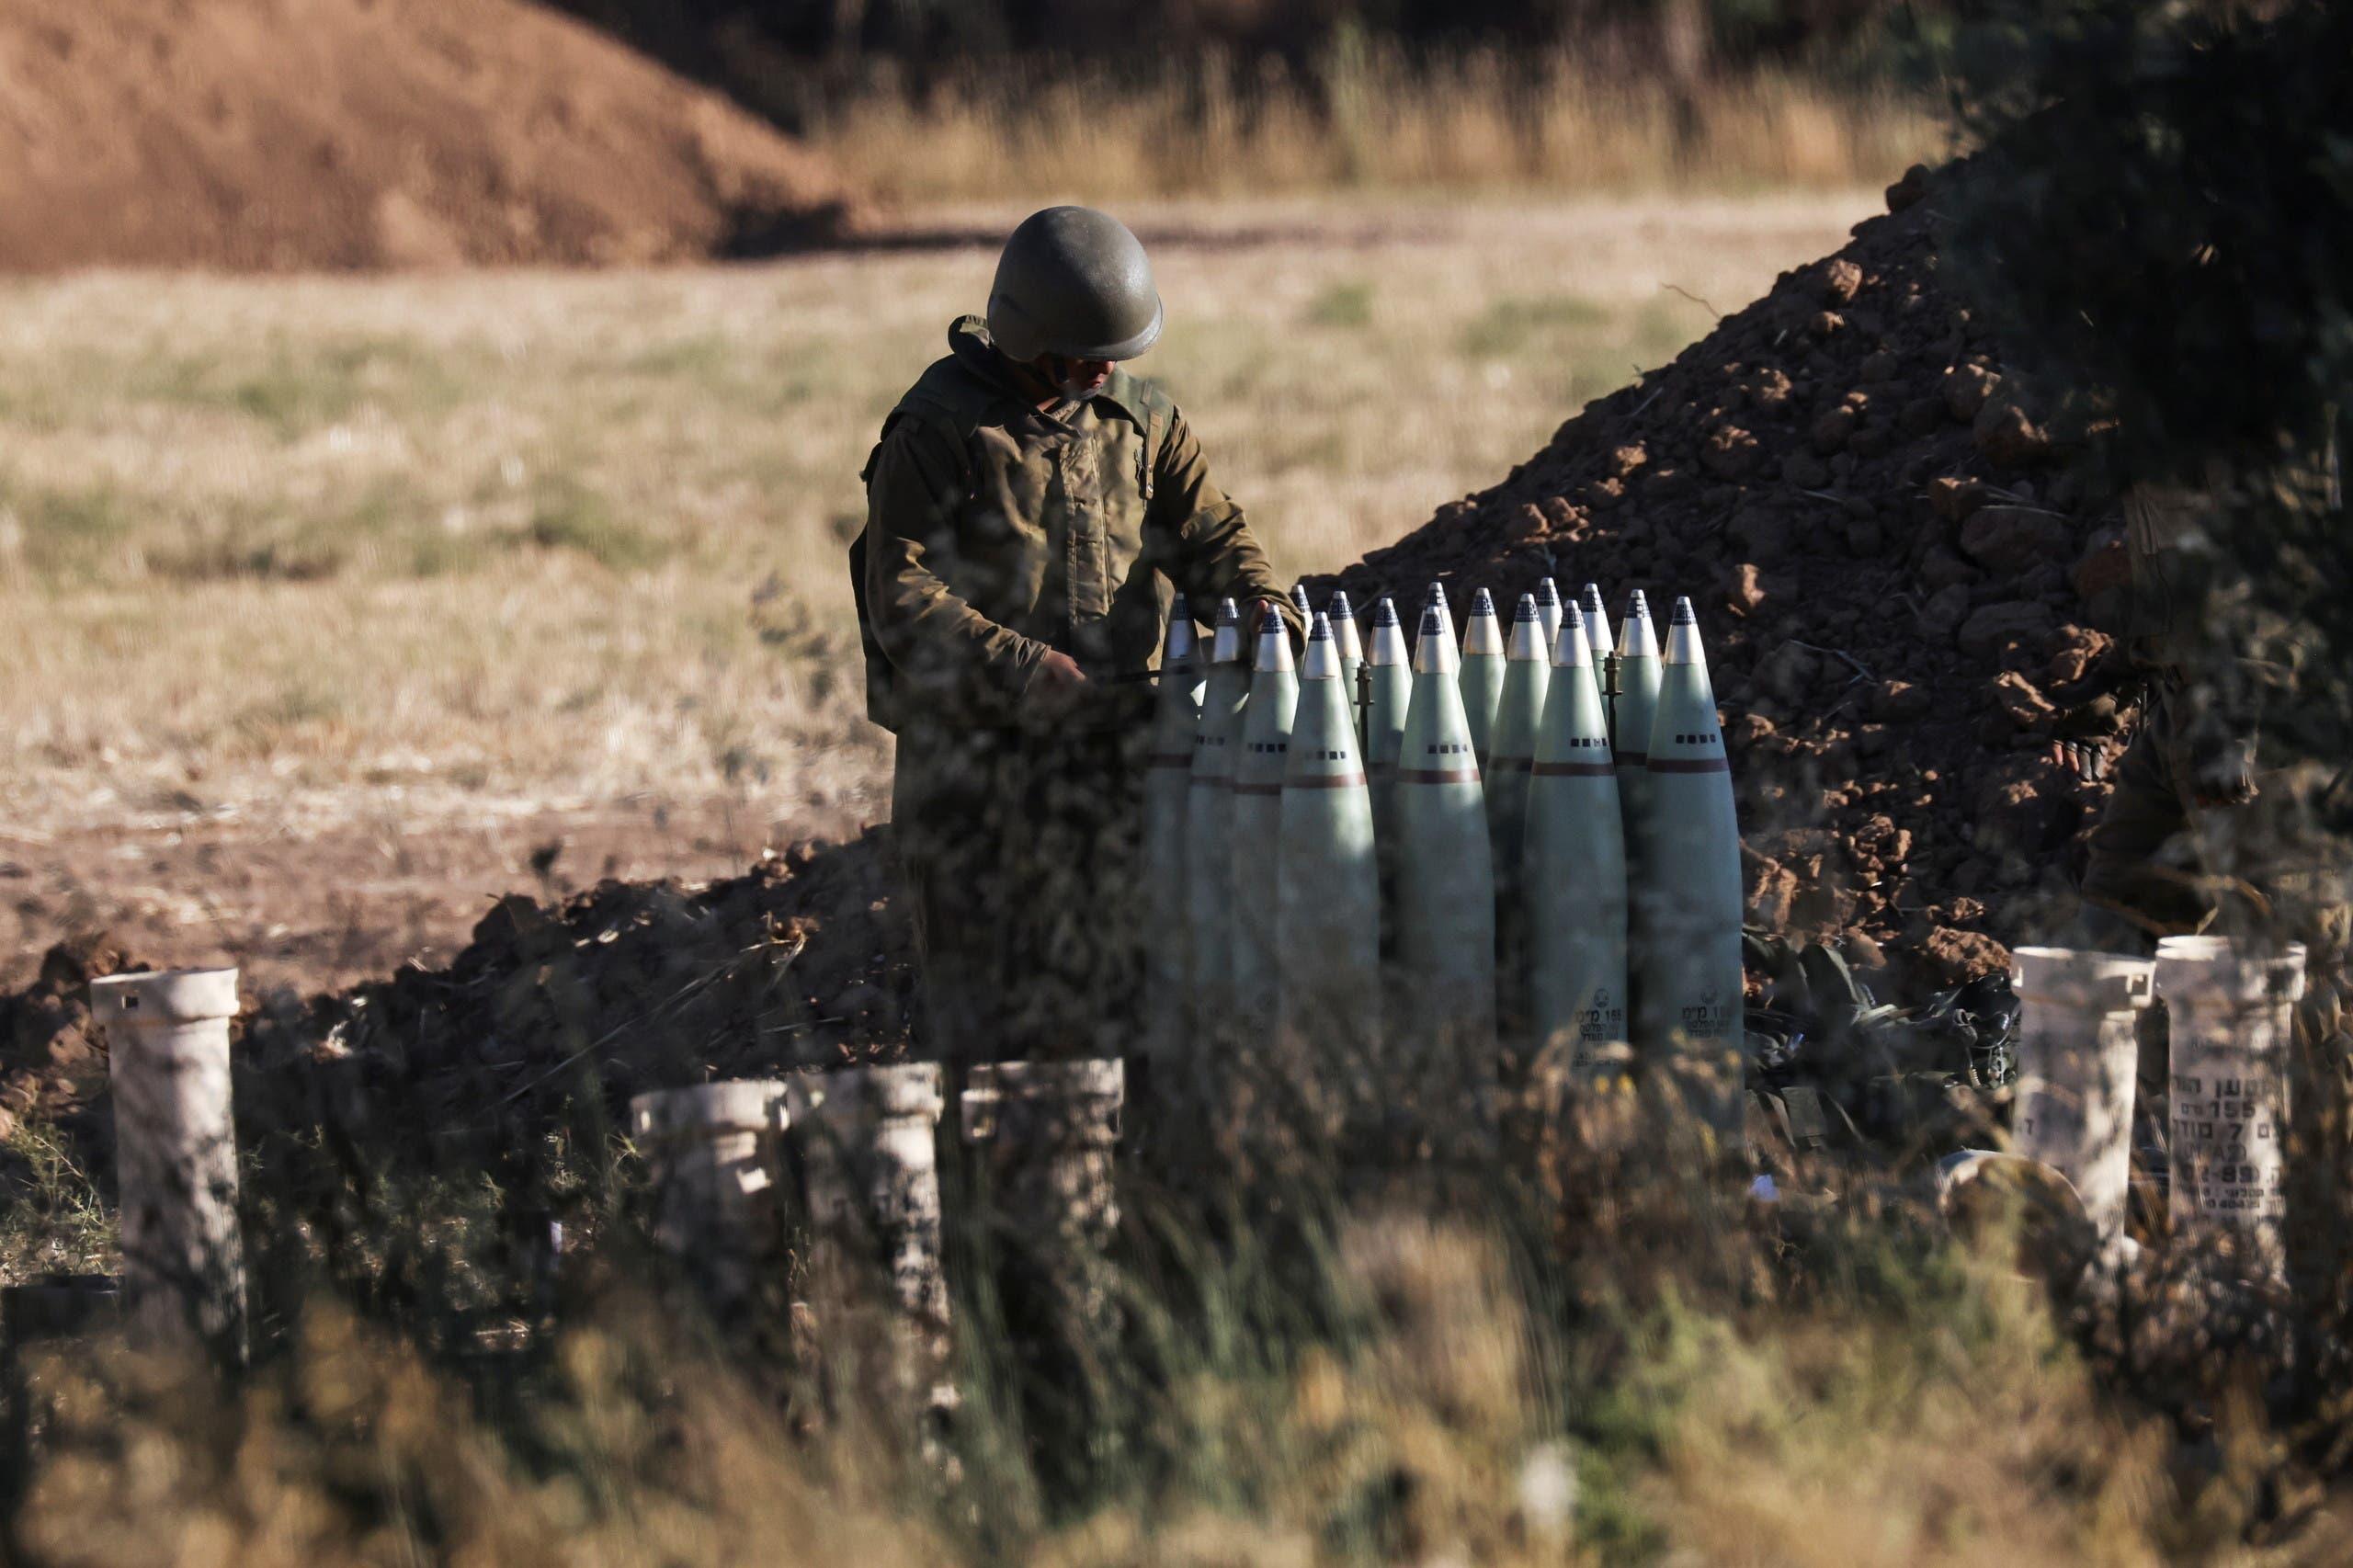 جندي إسرائيلي يستعد لقصف غزة (رويترز)